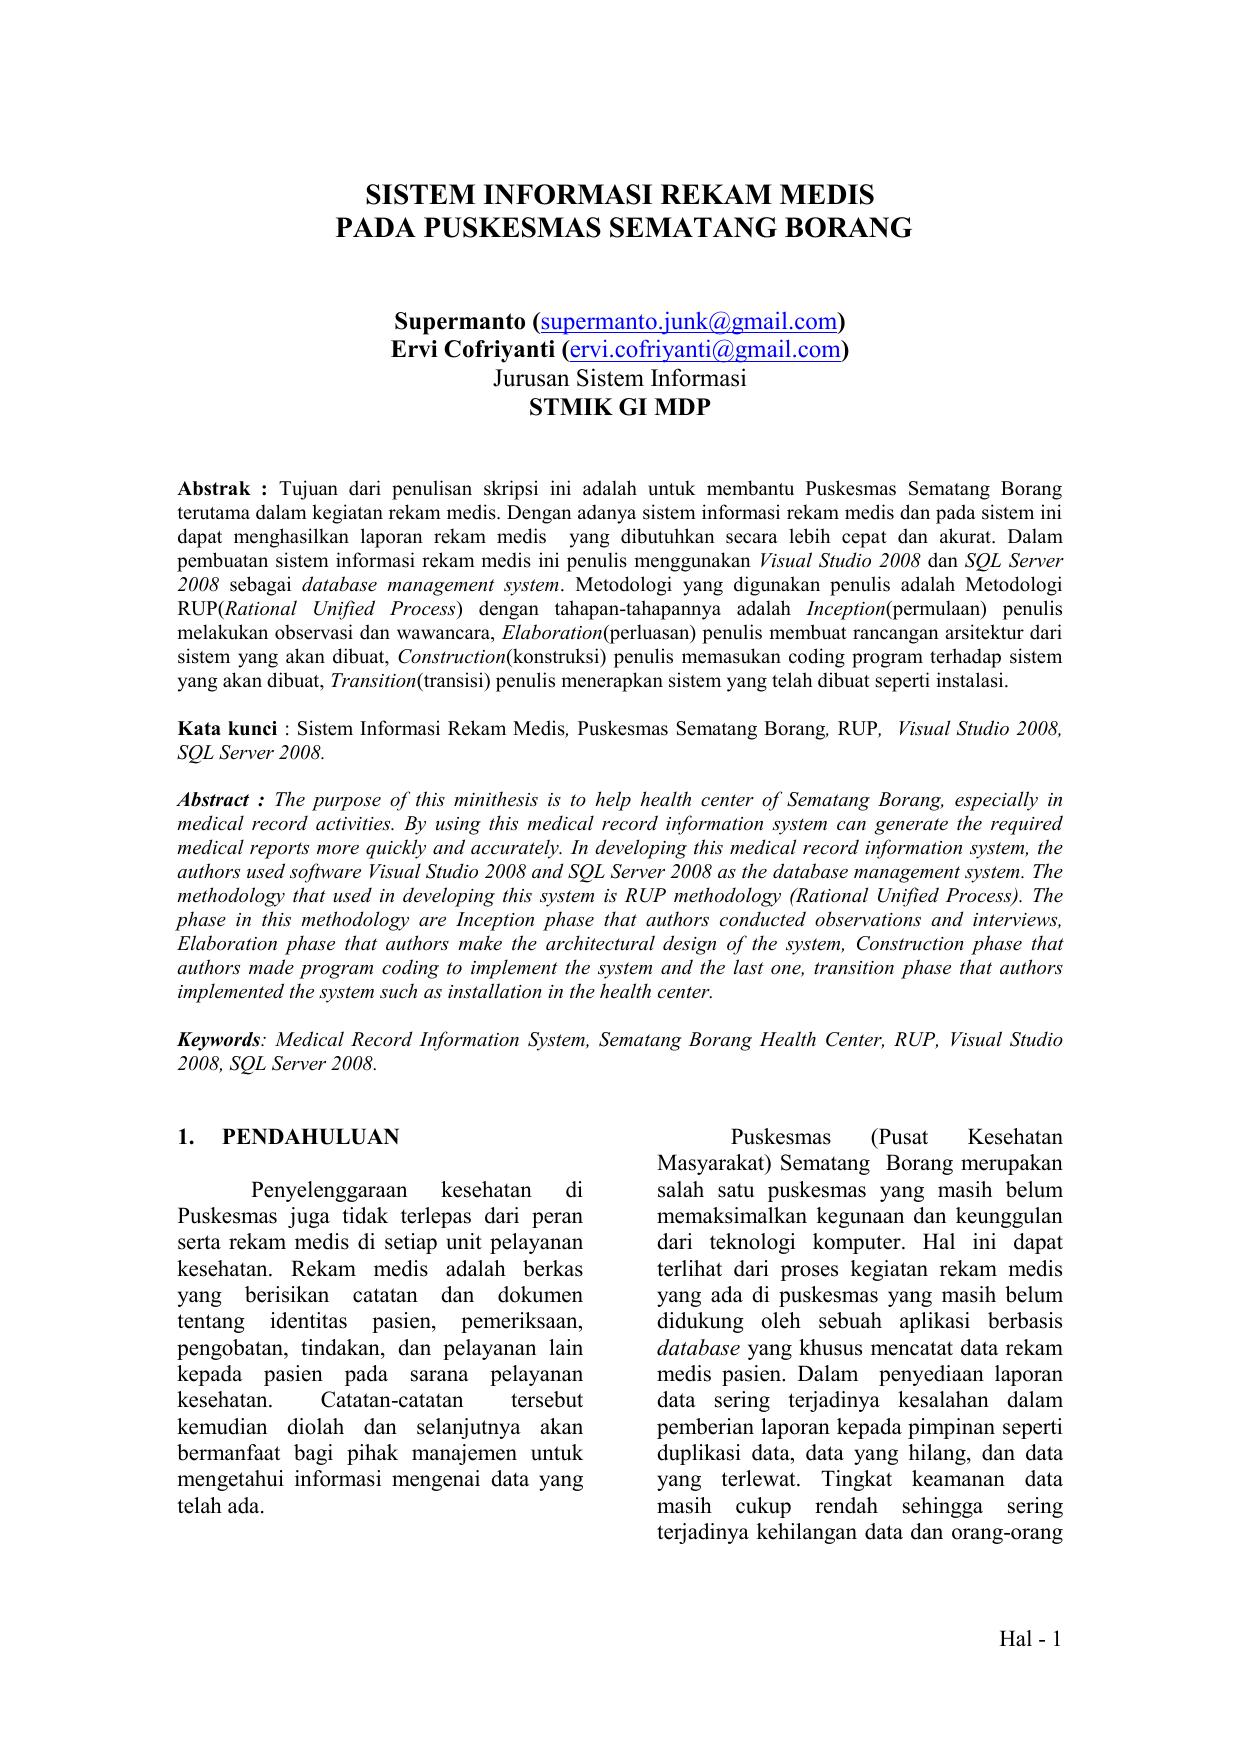 Contoh Skripsi Rekam Medis Contoh Soal Dan Materi Pelajaran 2